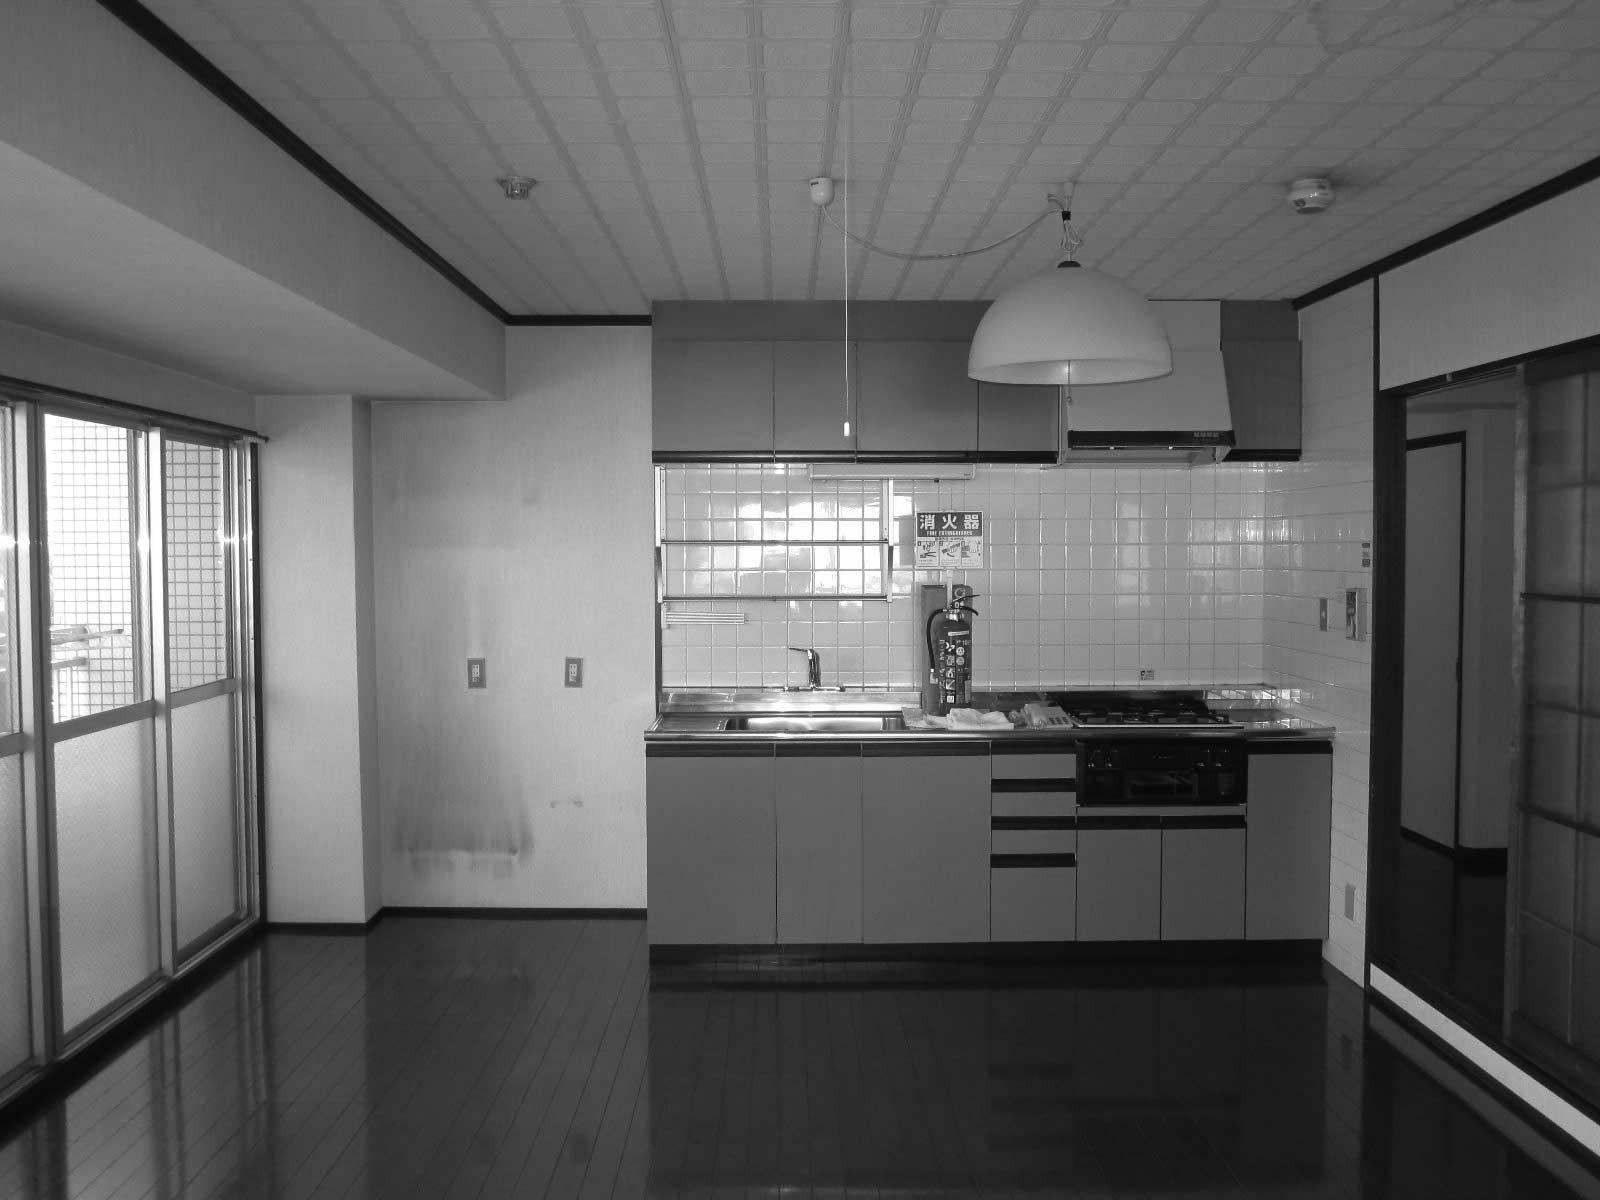 リフォーム前のDKは家の端にあり、古びた壁つけキッチンがぽつんと佇んでいました。